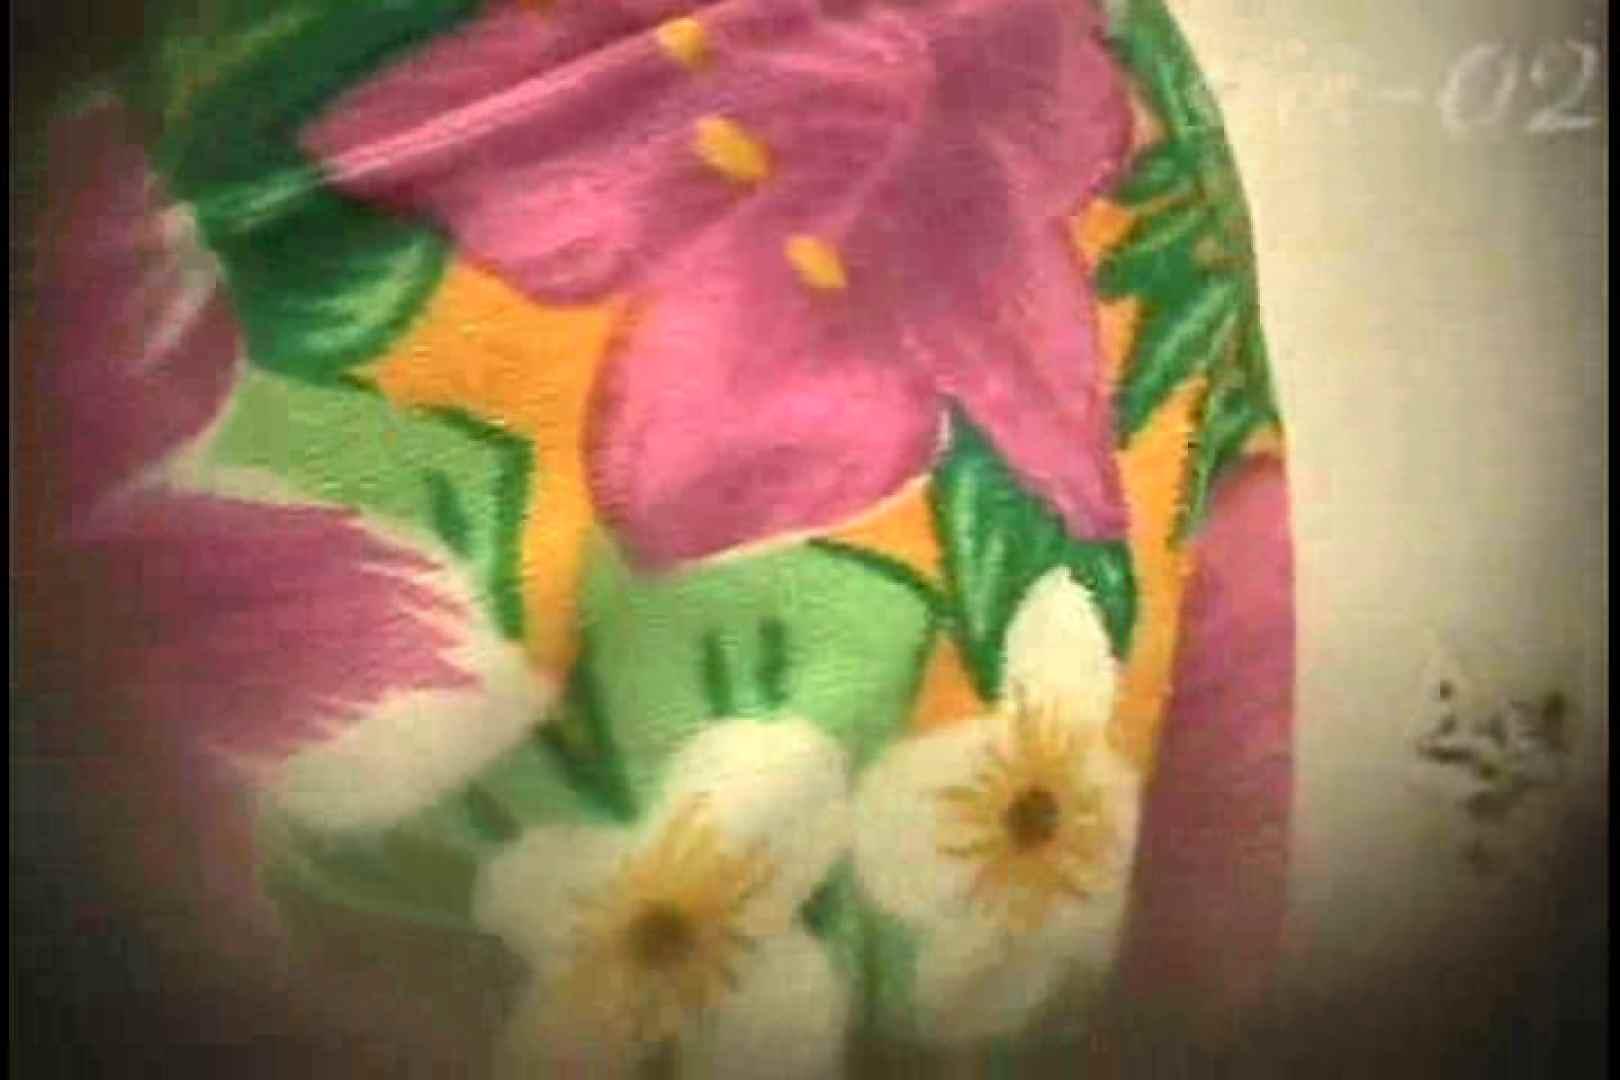 サターンさんのウル技炸裂!!夏乙女★海の家シャワー室絵巻 Vol.02 シャワー室  95枚 27